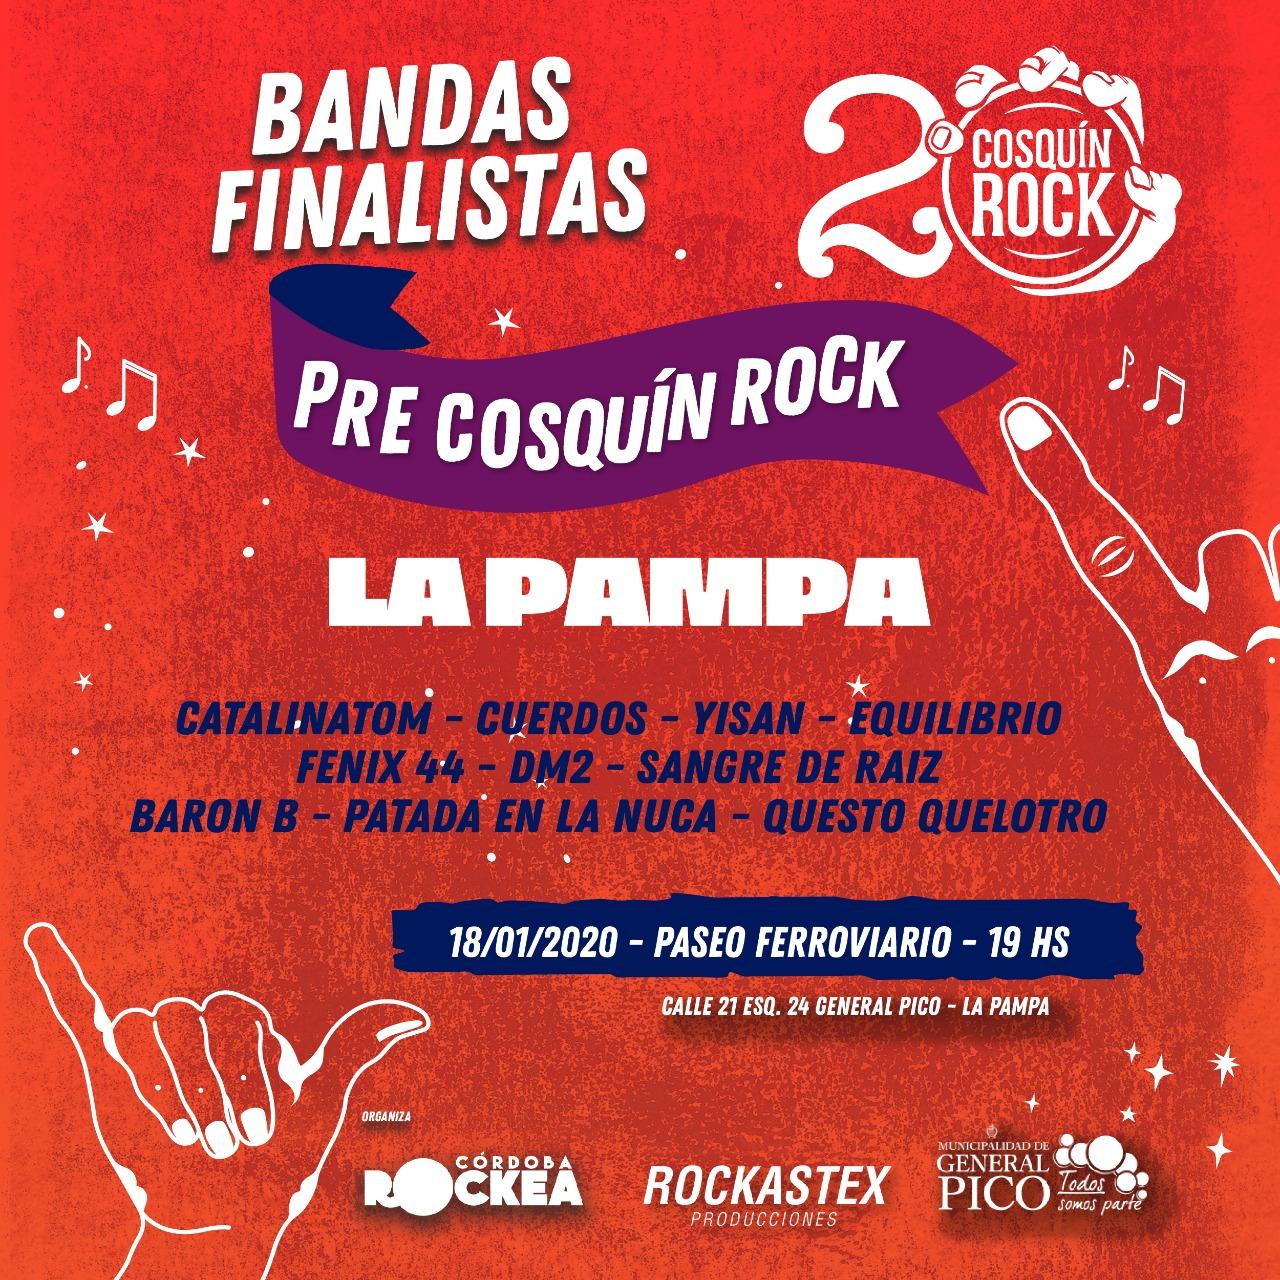 Comienza la cuenta regresiva para el Festival Pre Cosquín Rock